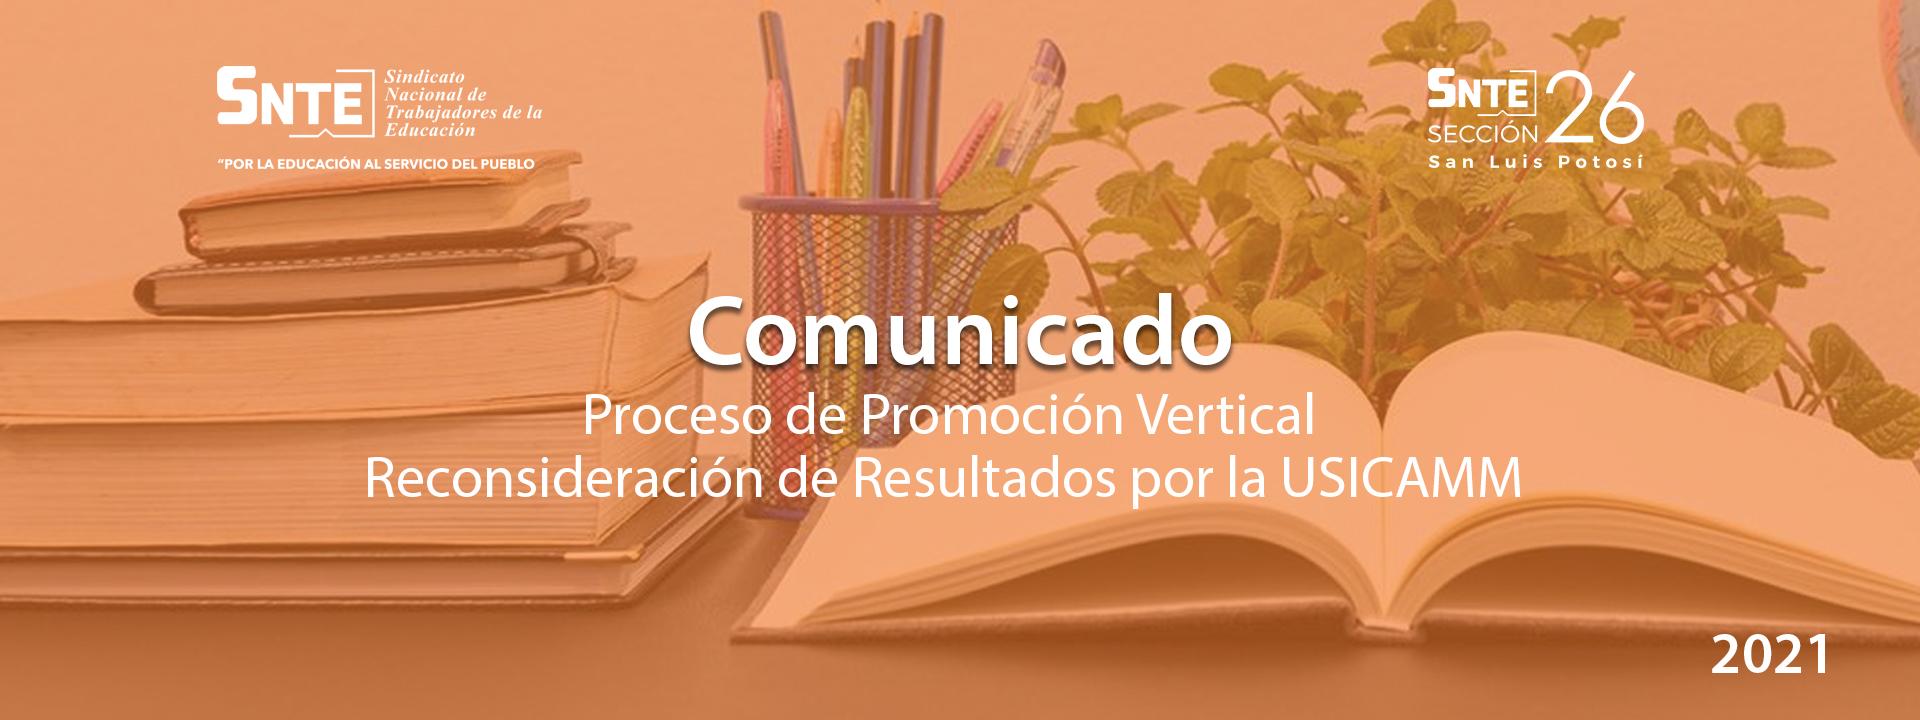 Comunicado: Proceso de Promoción Vertical, Reconsideración de Resultados por la USICAMM